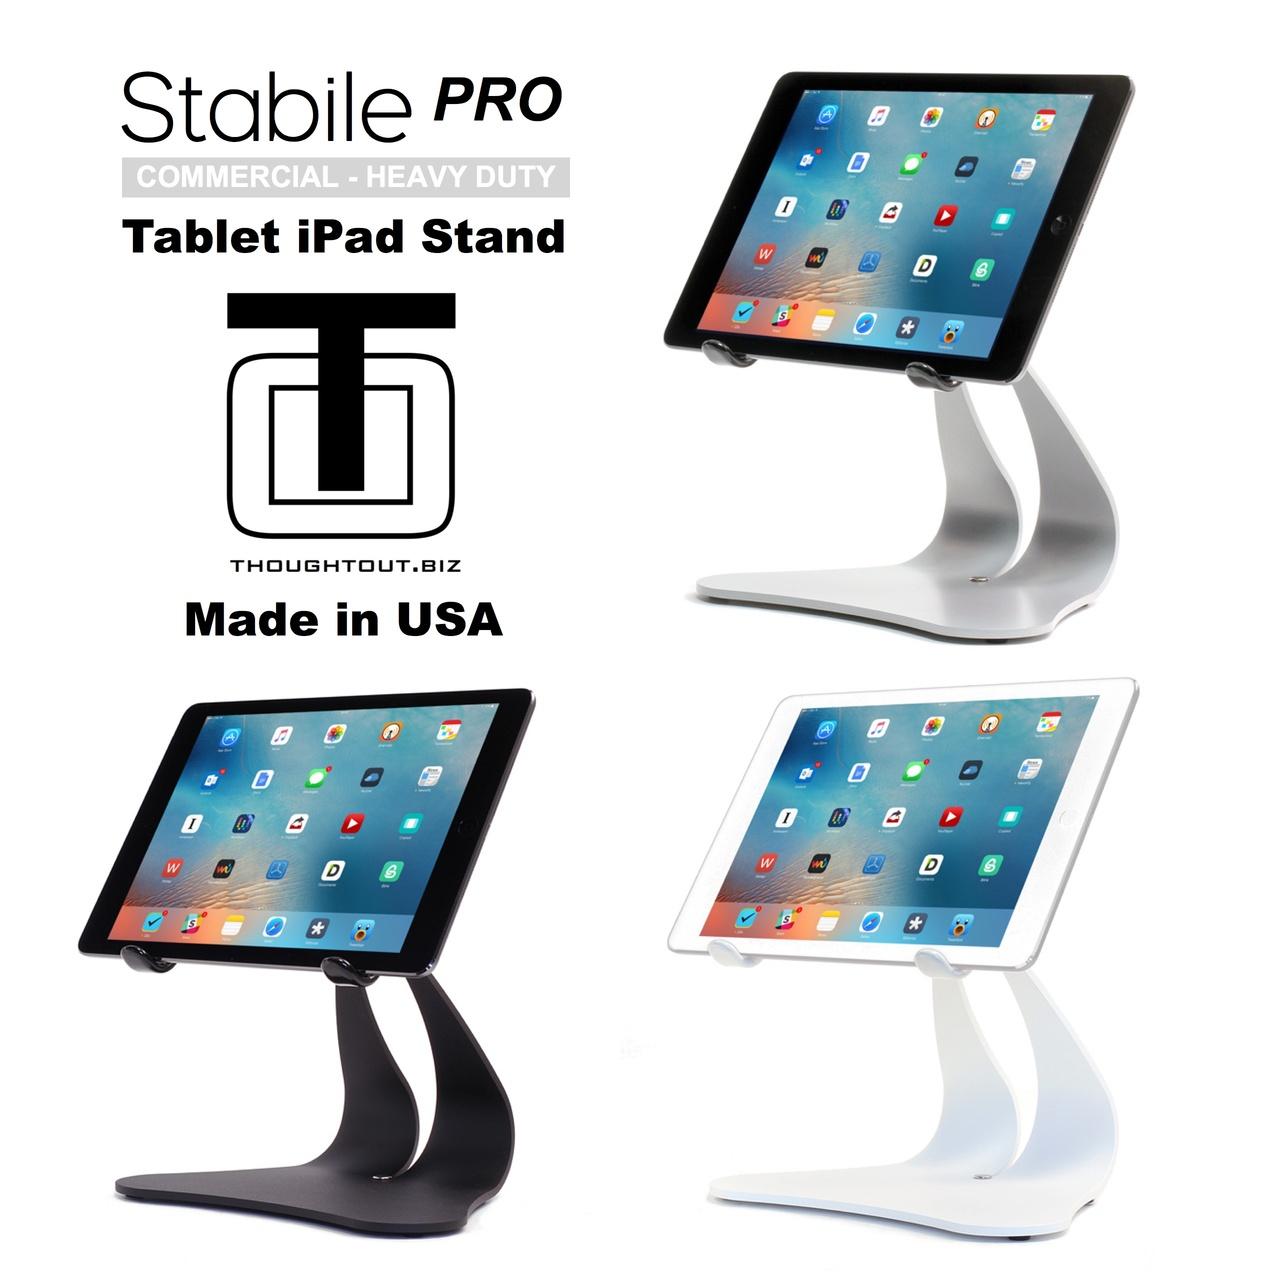 Stabile PRO - Silver, Black & White